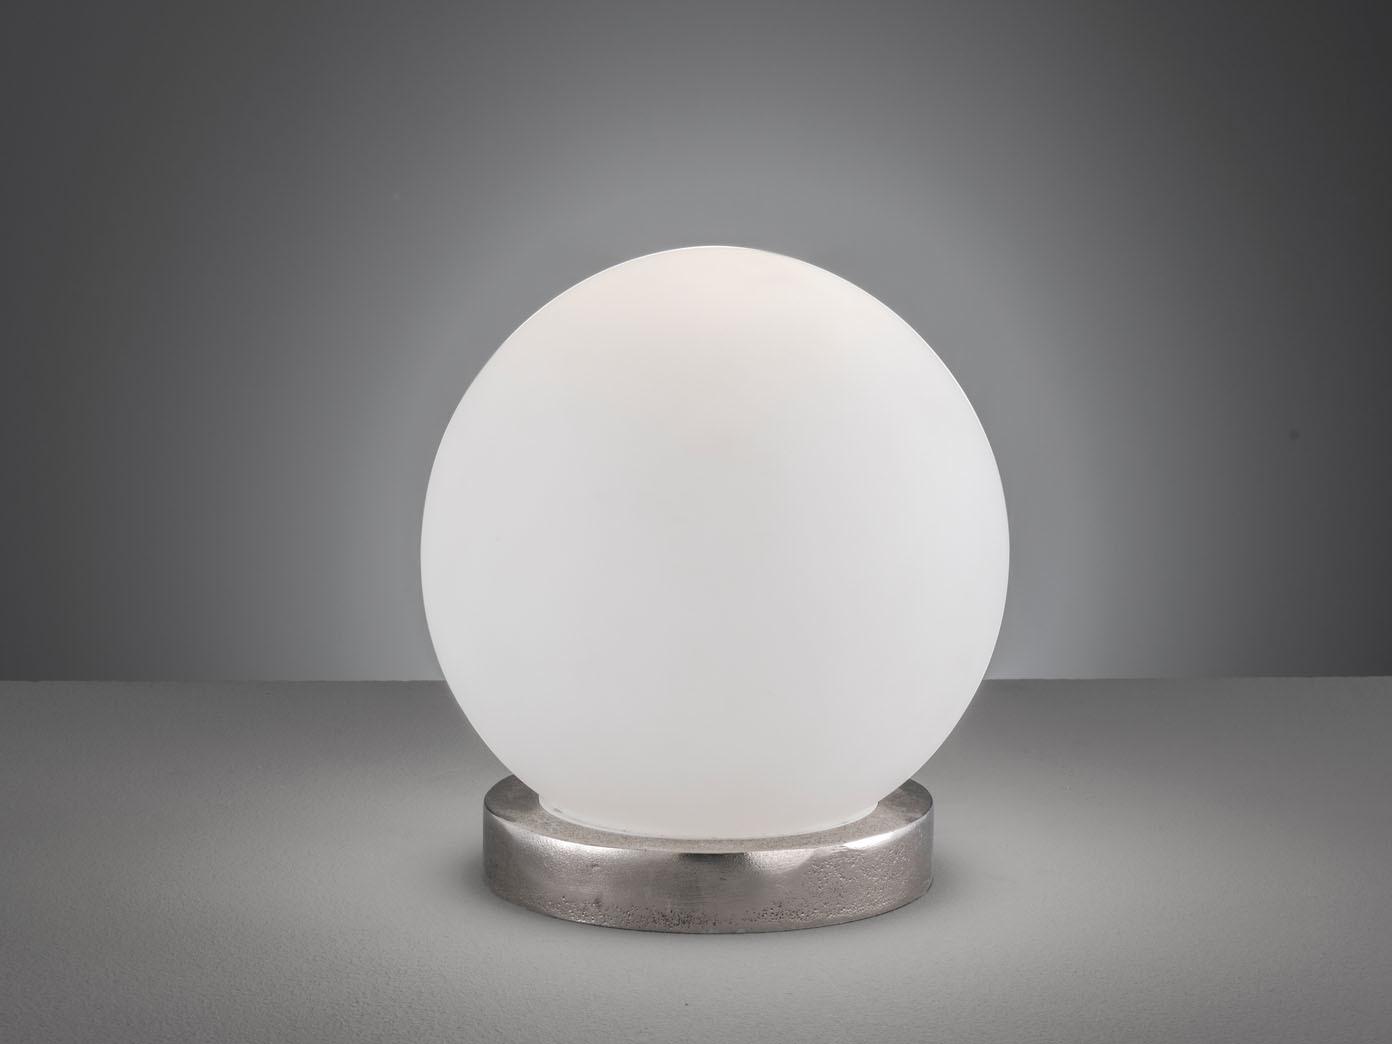 Lampada tavolo sfera vetro bianco 25cm con led illuminazione per